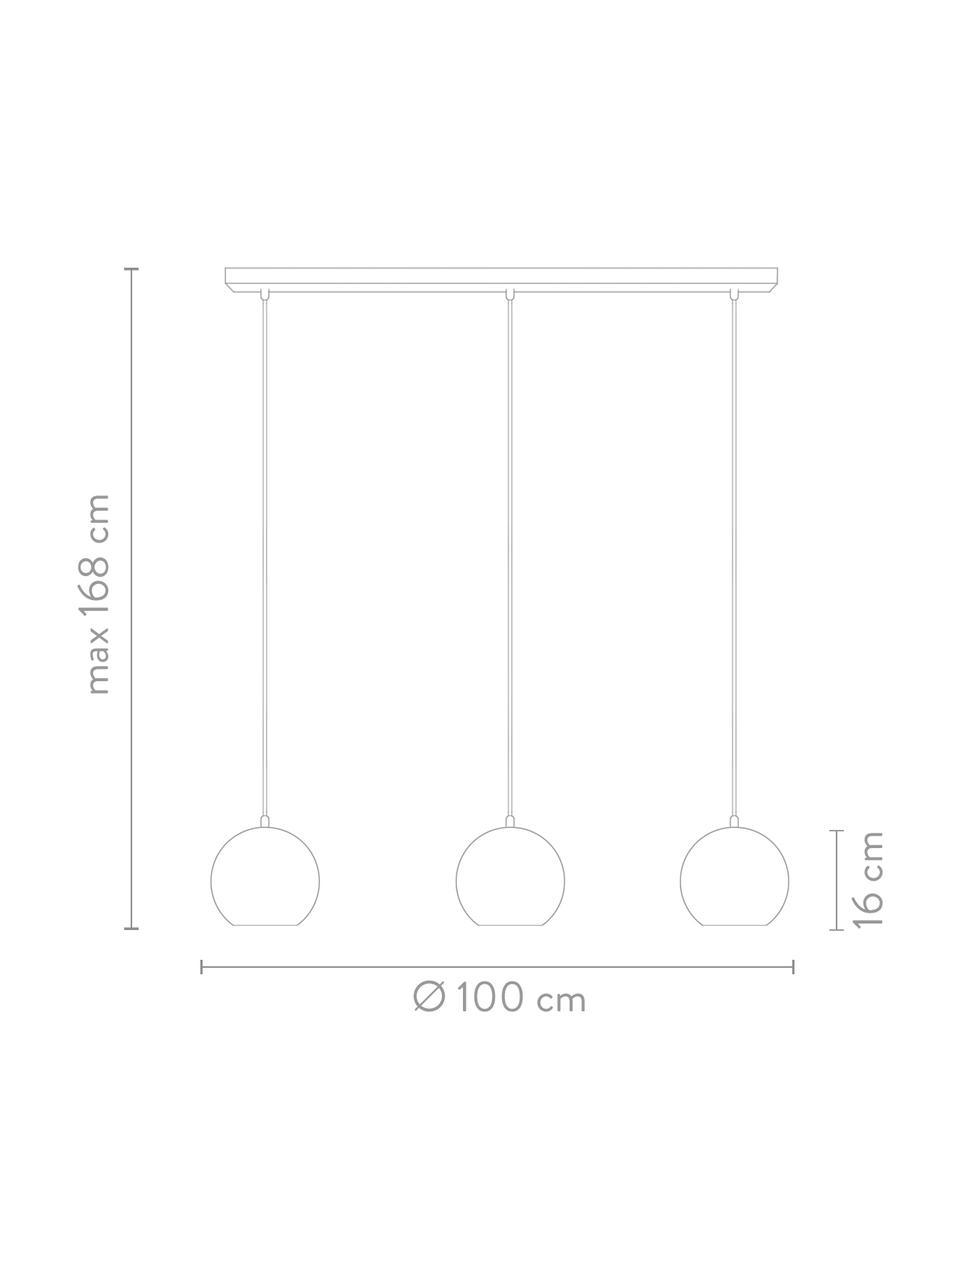 Lampada a sospensione a sfere in argento Ball, Paralume: metallo cromato, Baldacchino: metallo verniciato, Cromo luccicante, nero opaco, Larg. 100 x Alt. 18 cm